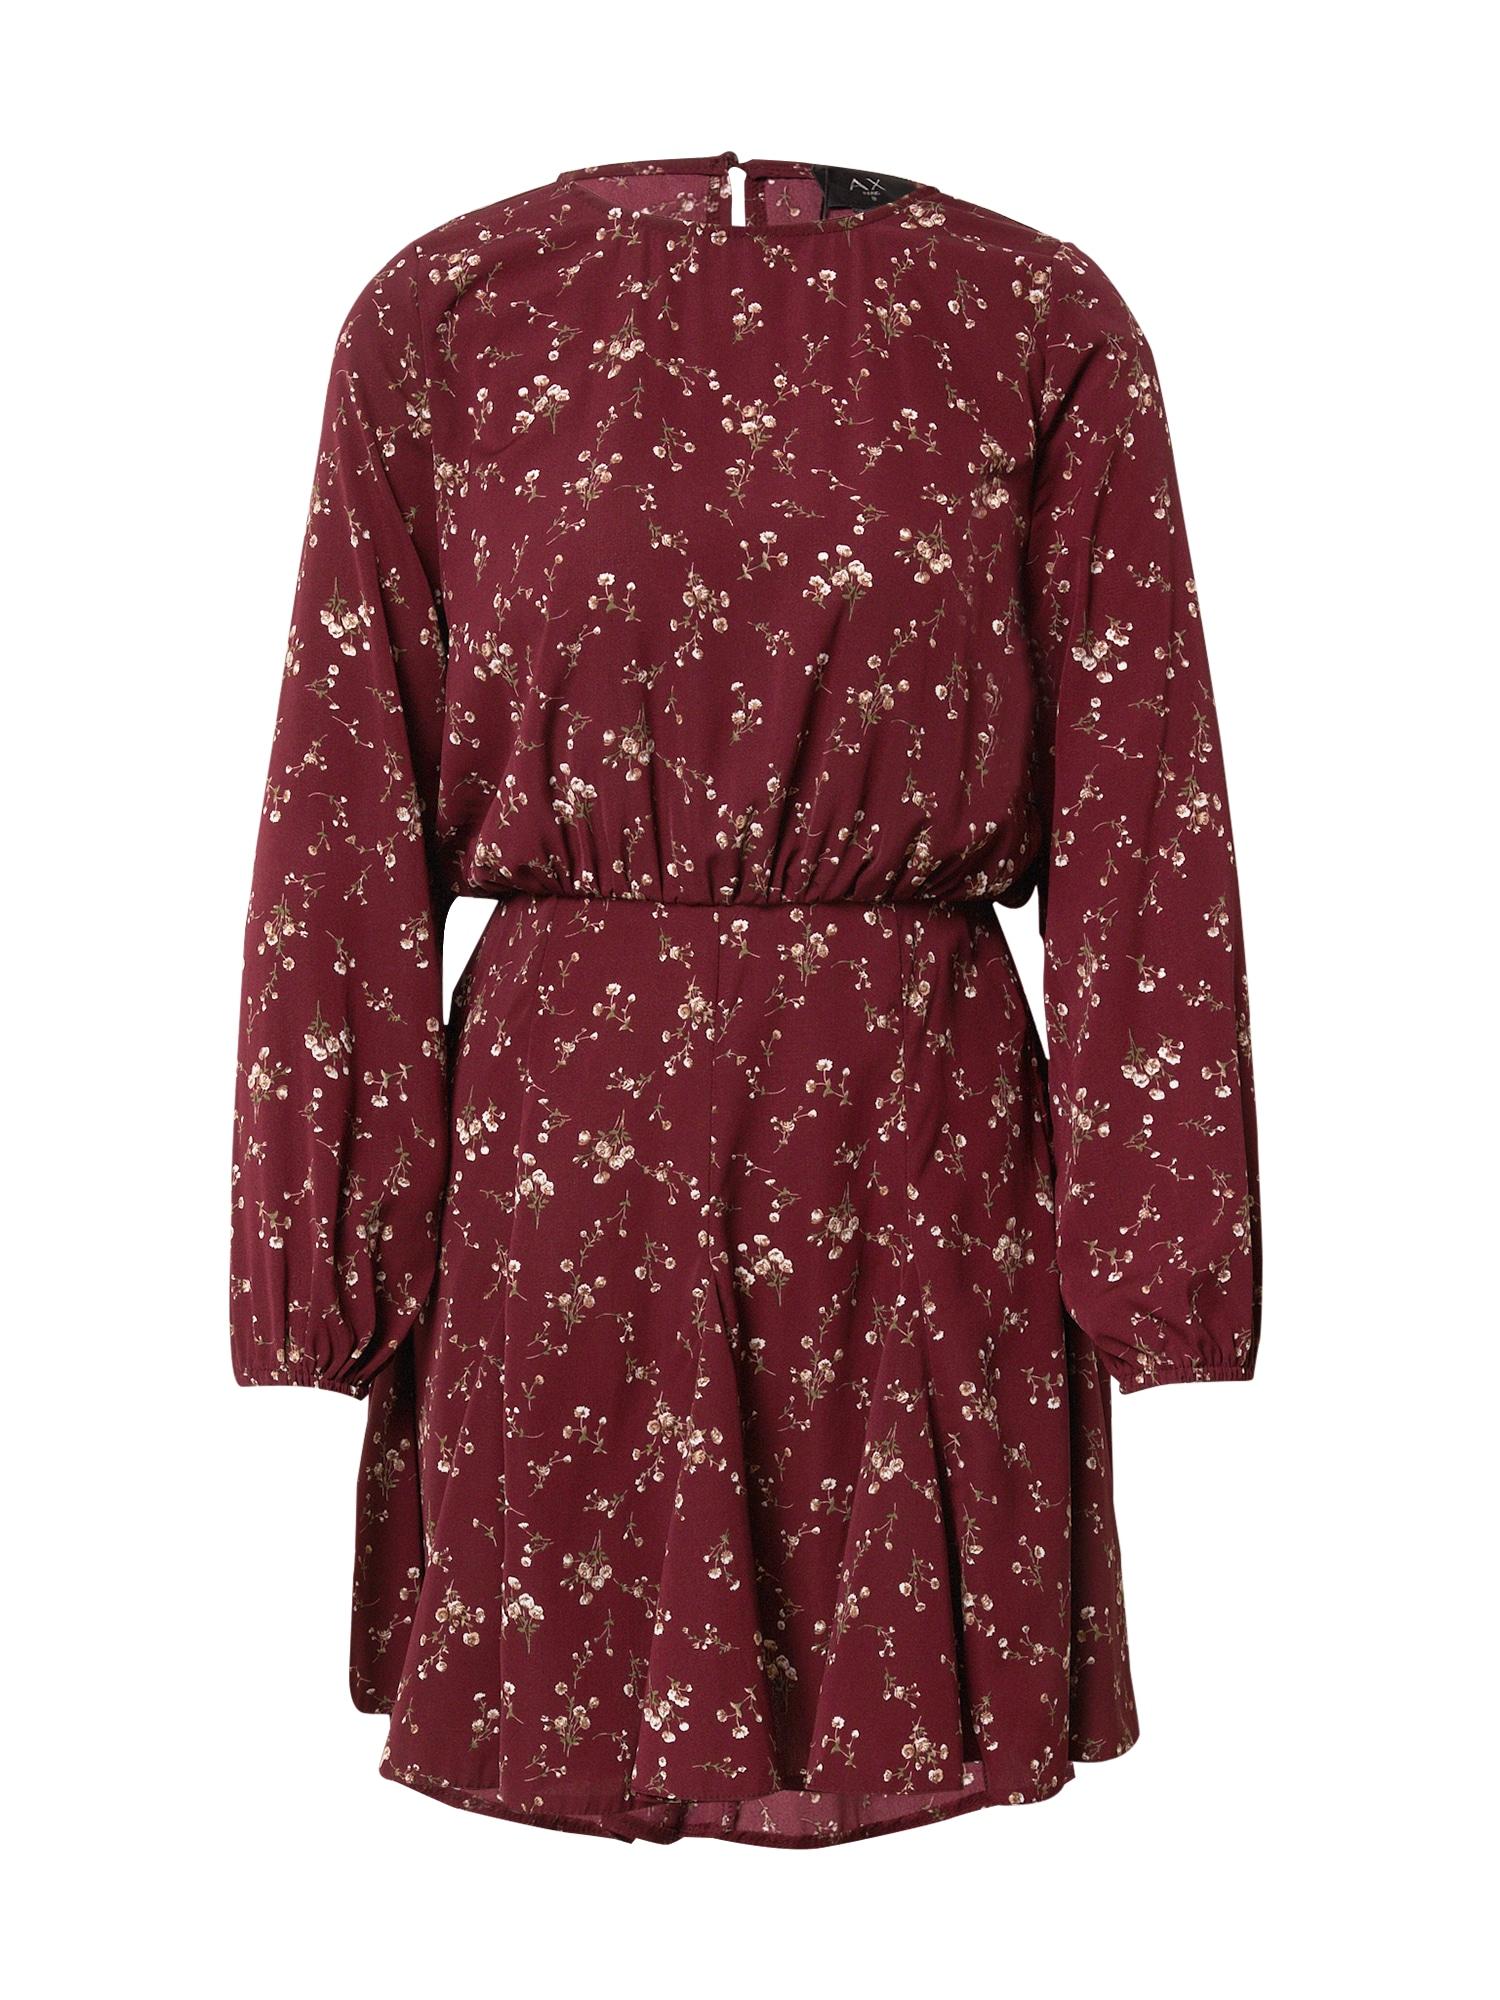 AX Paris Suknelė vyno raudona spalva / mišrios spalvos